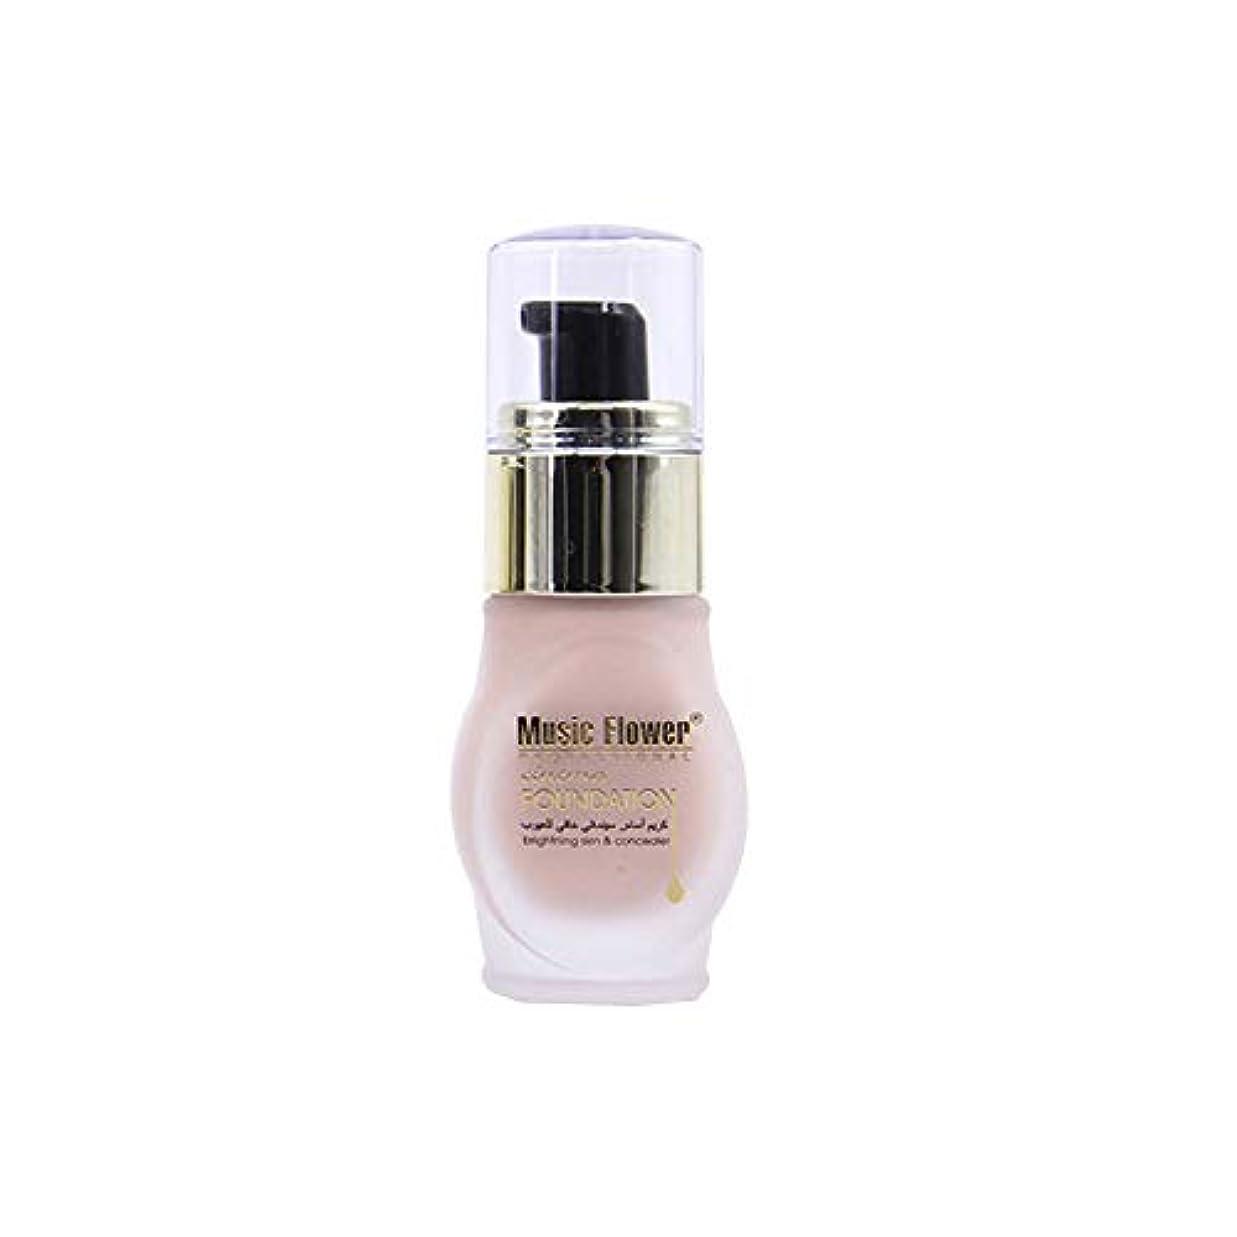 徹底的にピジン病者ビューティー コンシーラー 長続きがする 化粧品 上質 滑らかな風合い 繊細な化粧 自然に見える カバーパーフェクション チップコンシーラー UV対策 裸化粧品